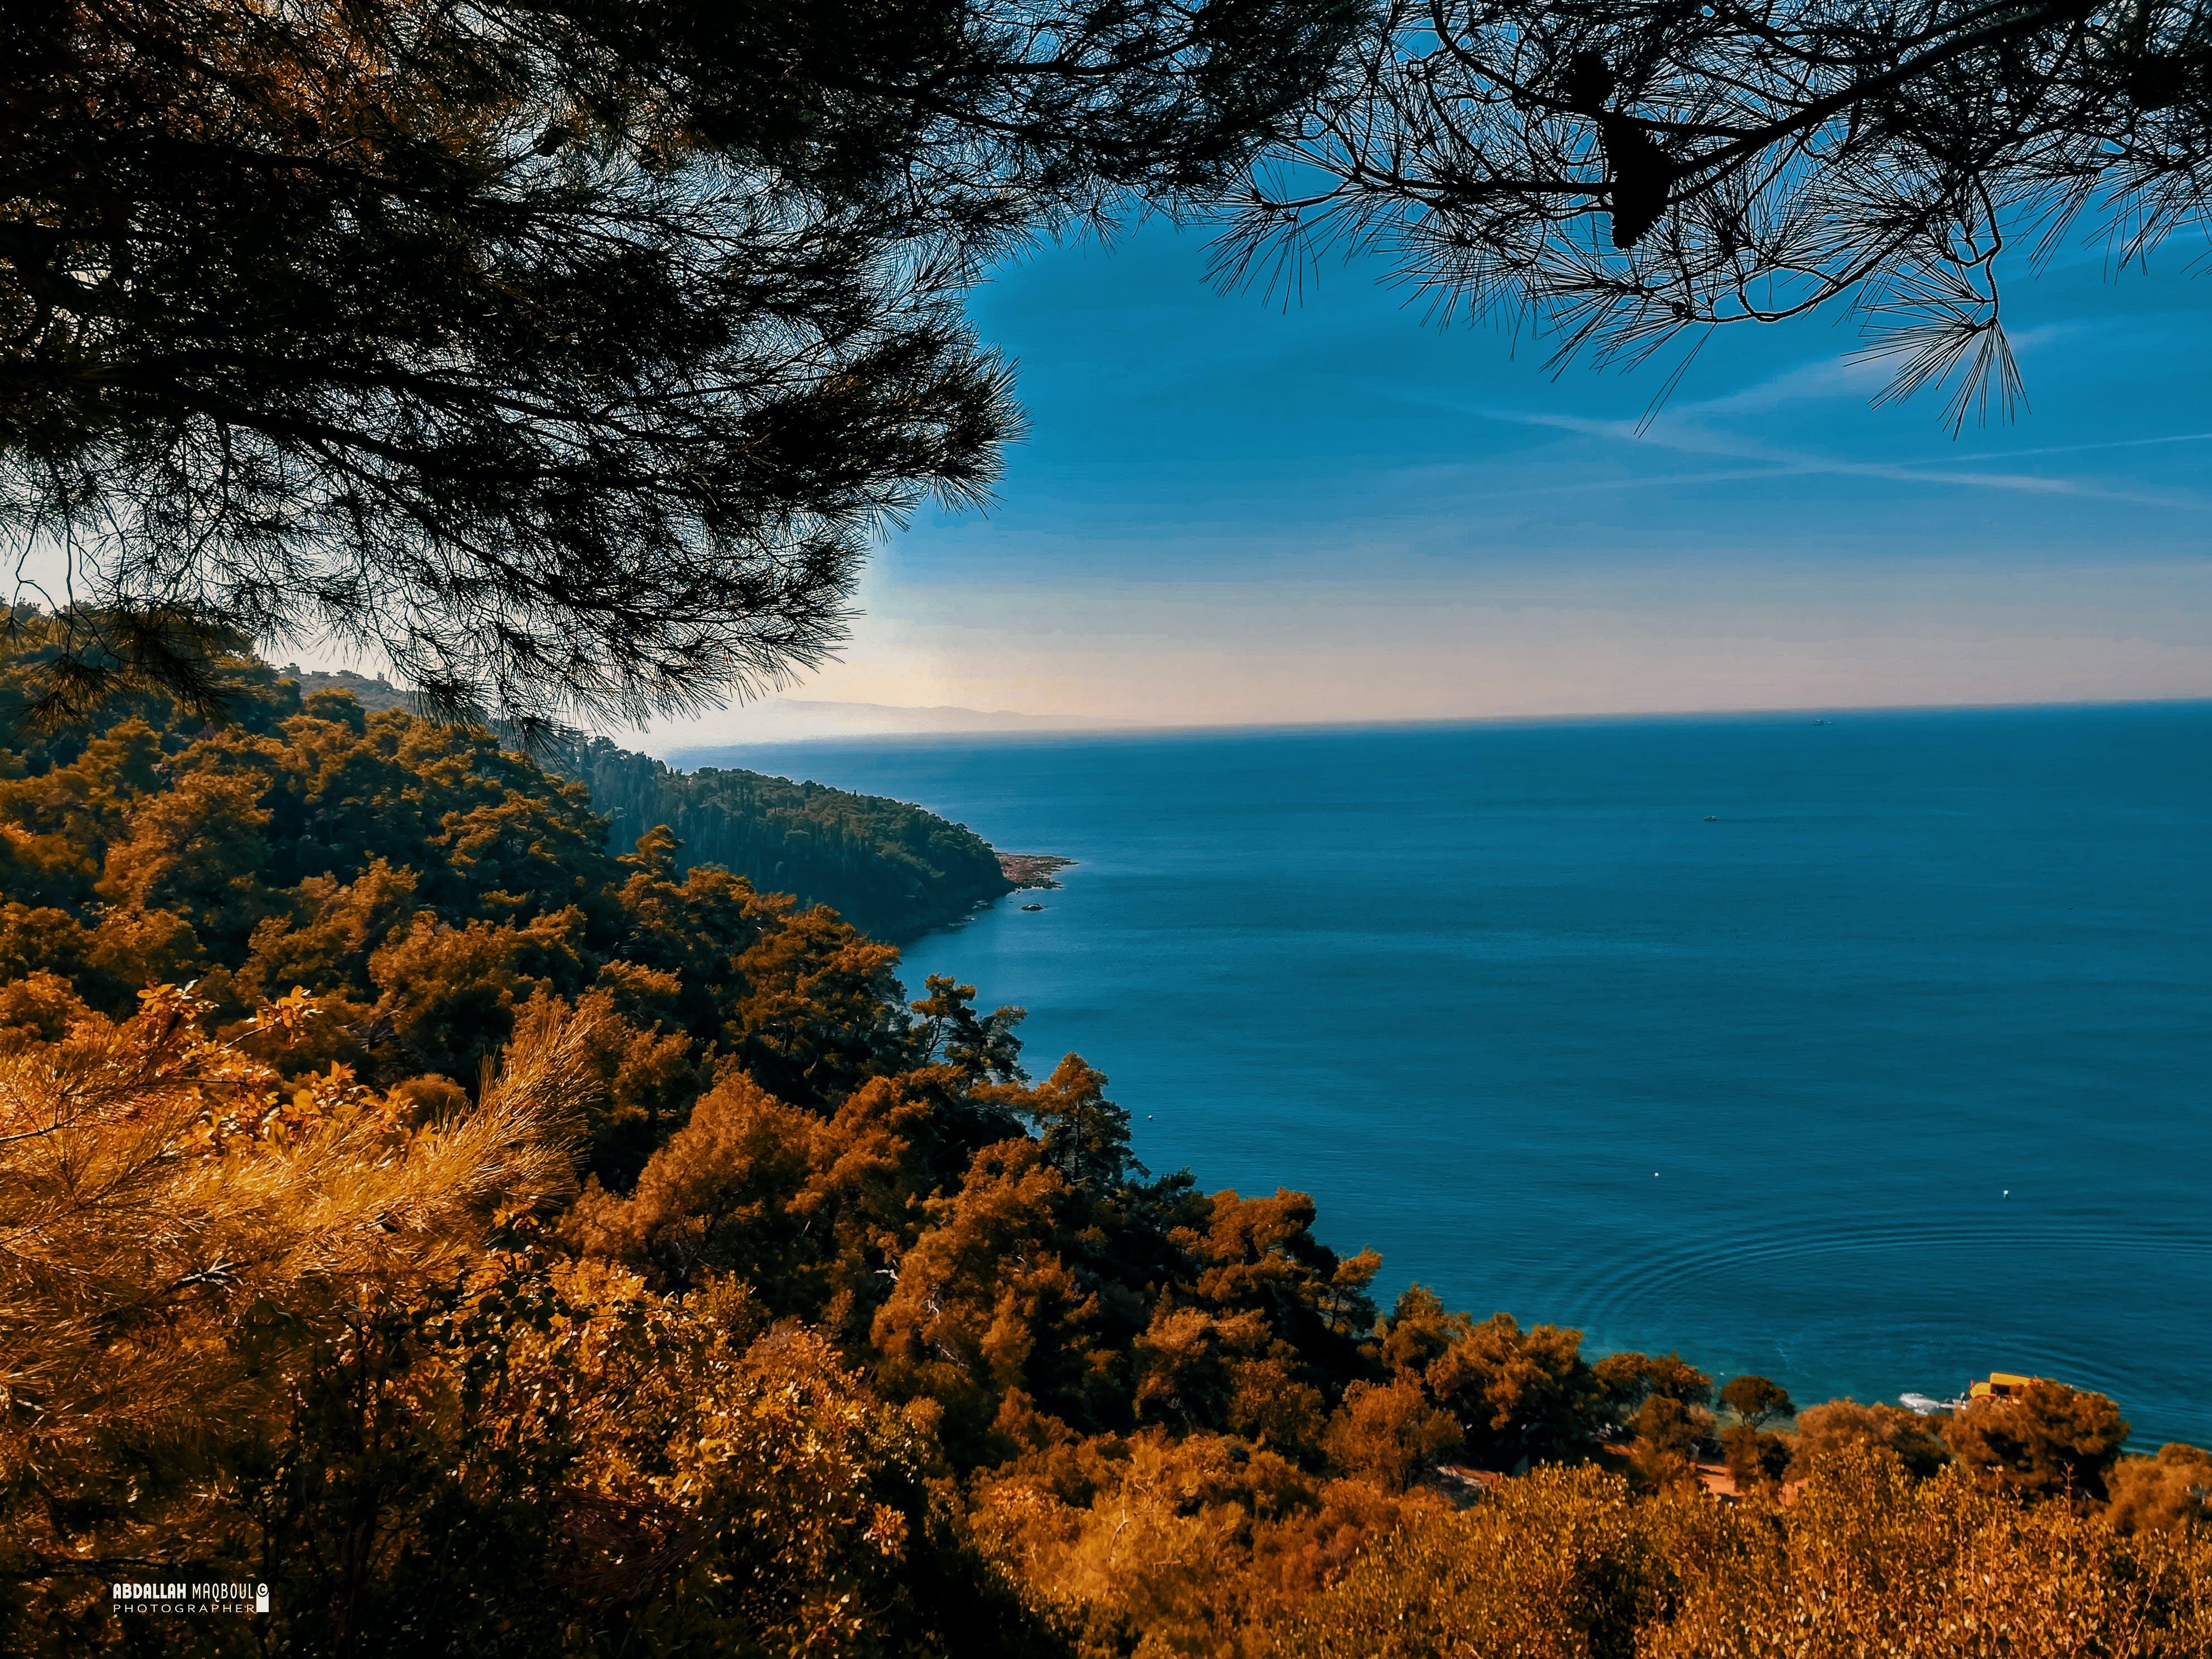 Free stock photo of Adobe Photoshop, island, Istanbul, landsape